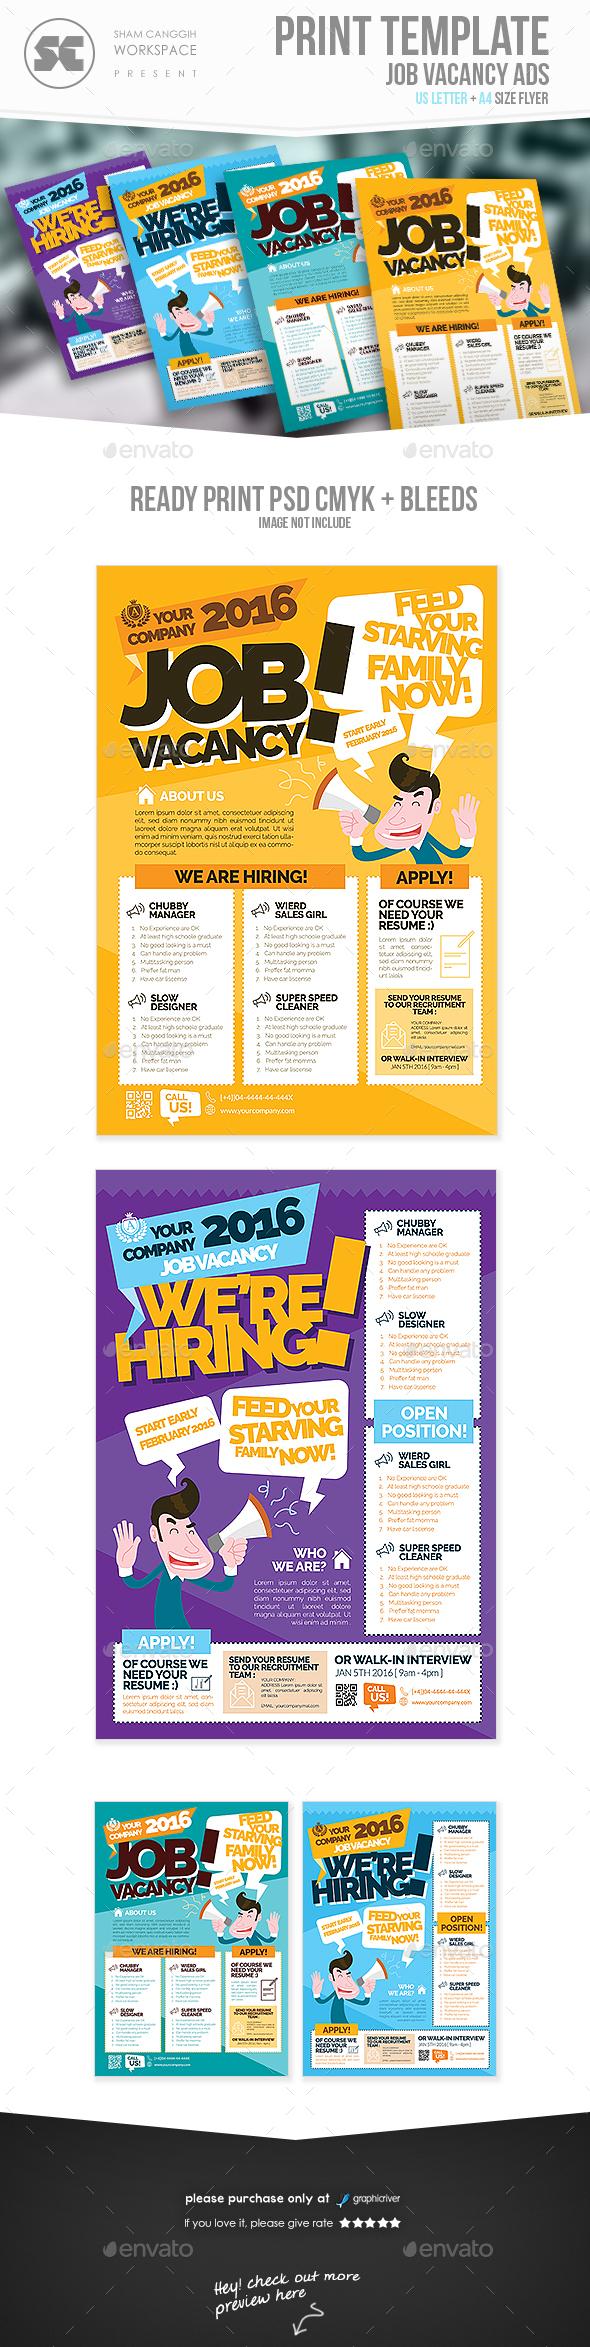 Job Vacancy Flyer - Corporate Flyers